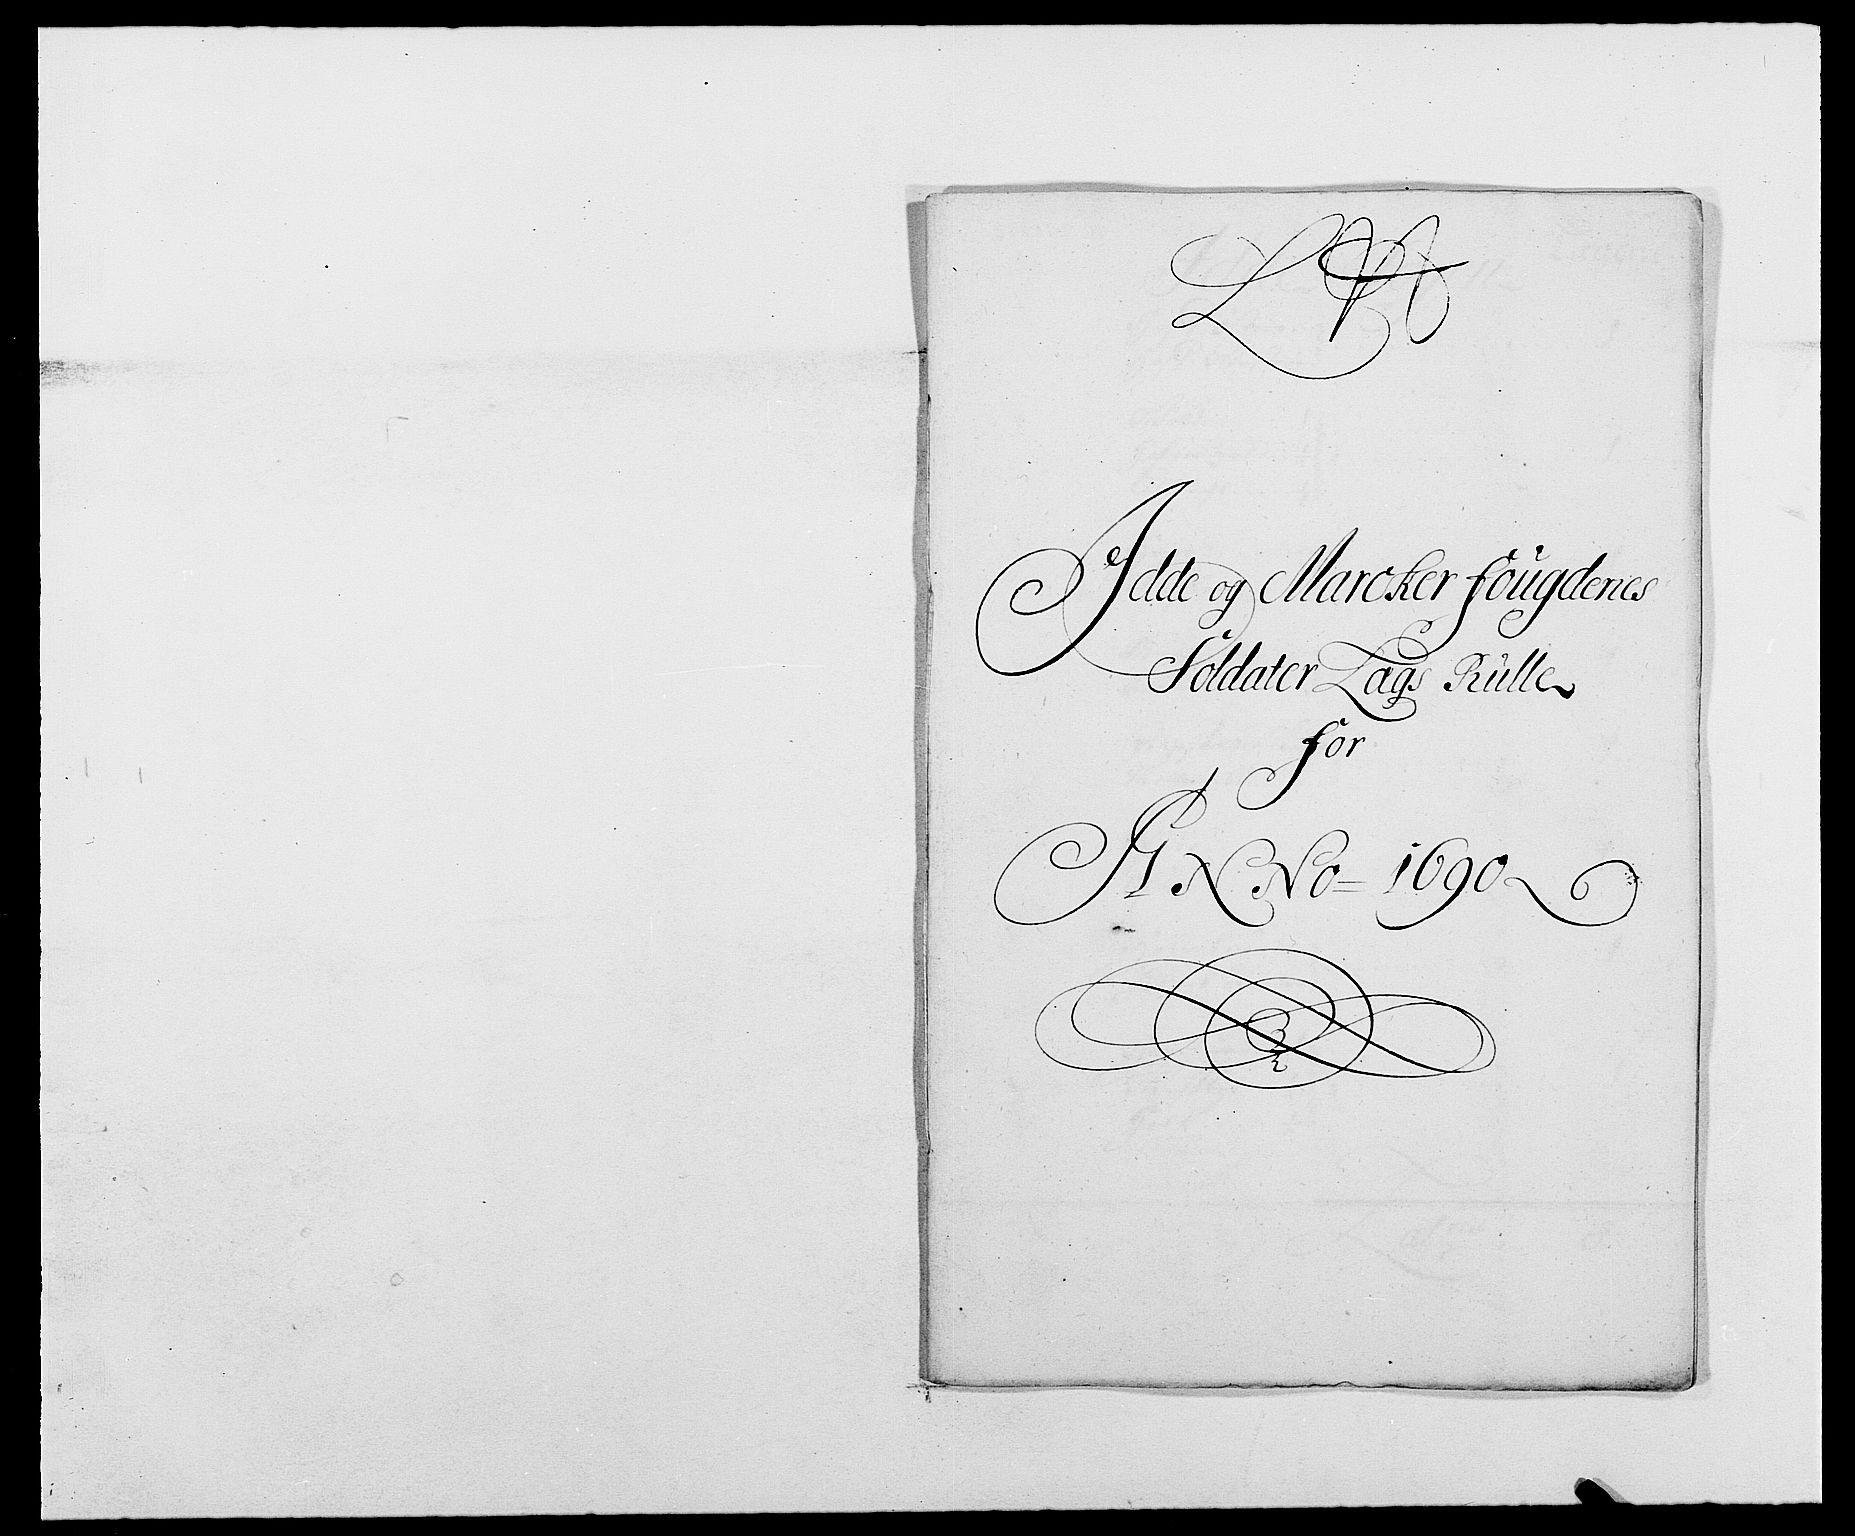 RA, Rentekammeret inntil 1814, Reviderte regnskaper, Fogderegnskap, R01/L0010: Fogderegnskap Idd og Marker, 1690-1691, p. 247